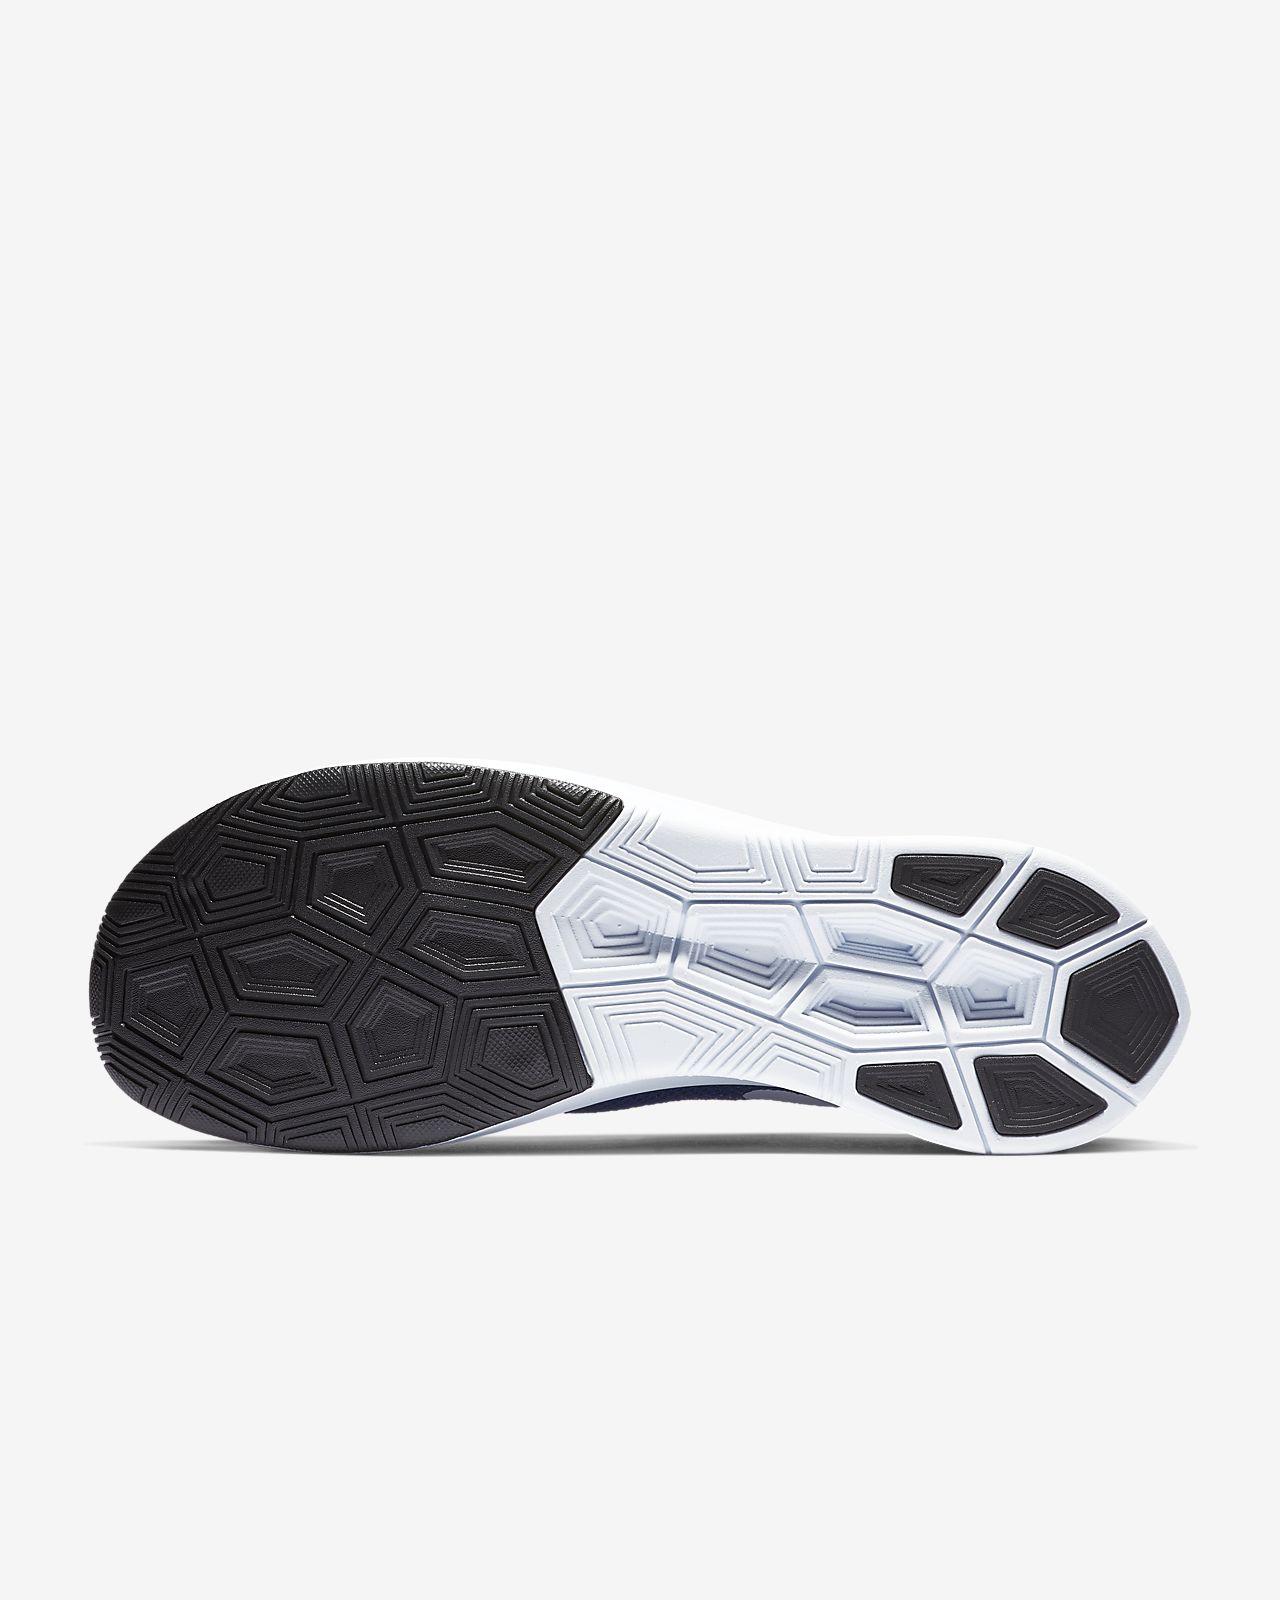 23c01076a9d Nike Zoom Fly Flyknit Men s Running Shoe. Nike.com MY